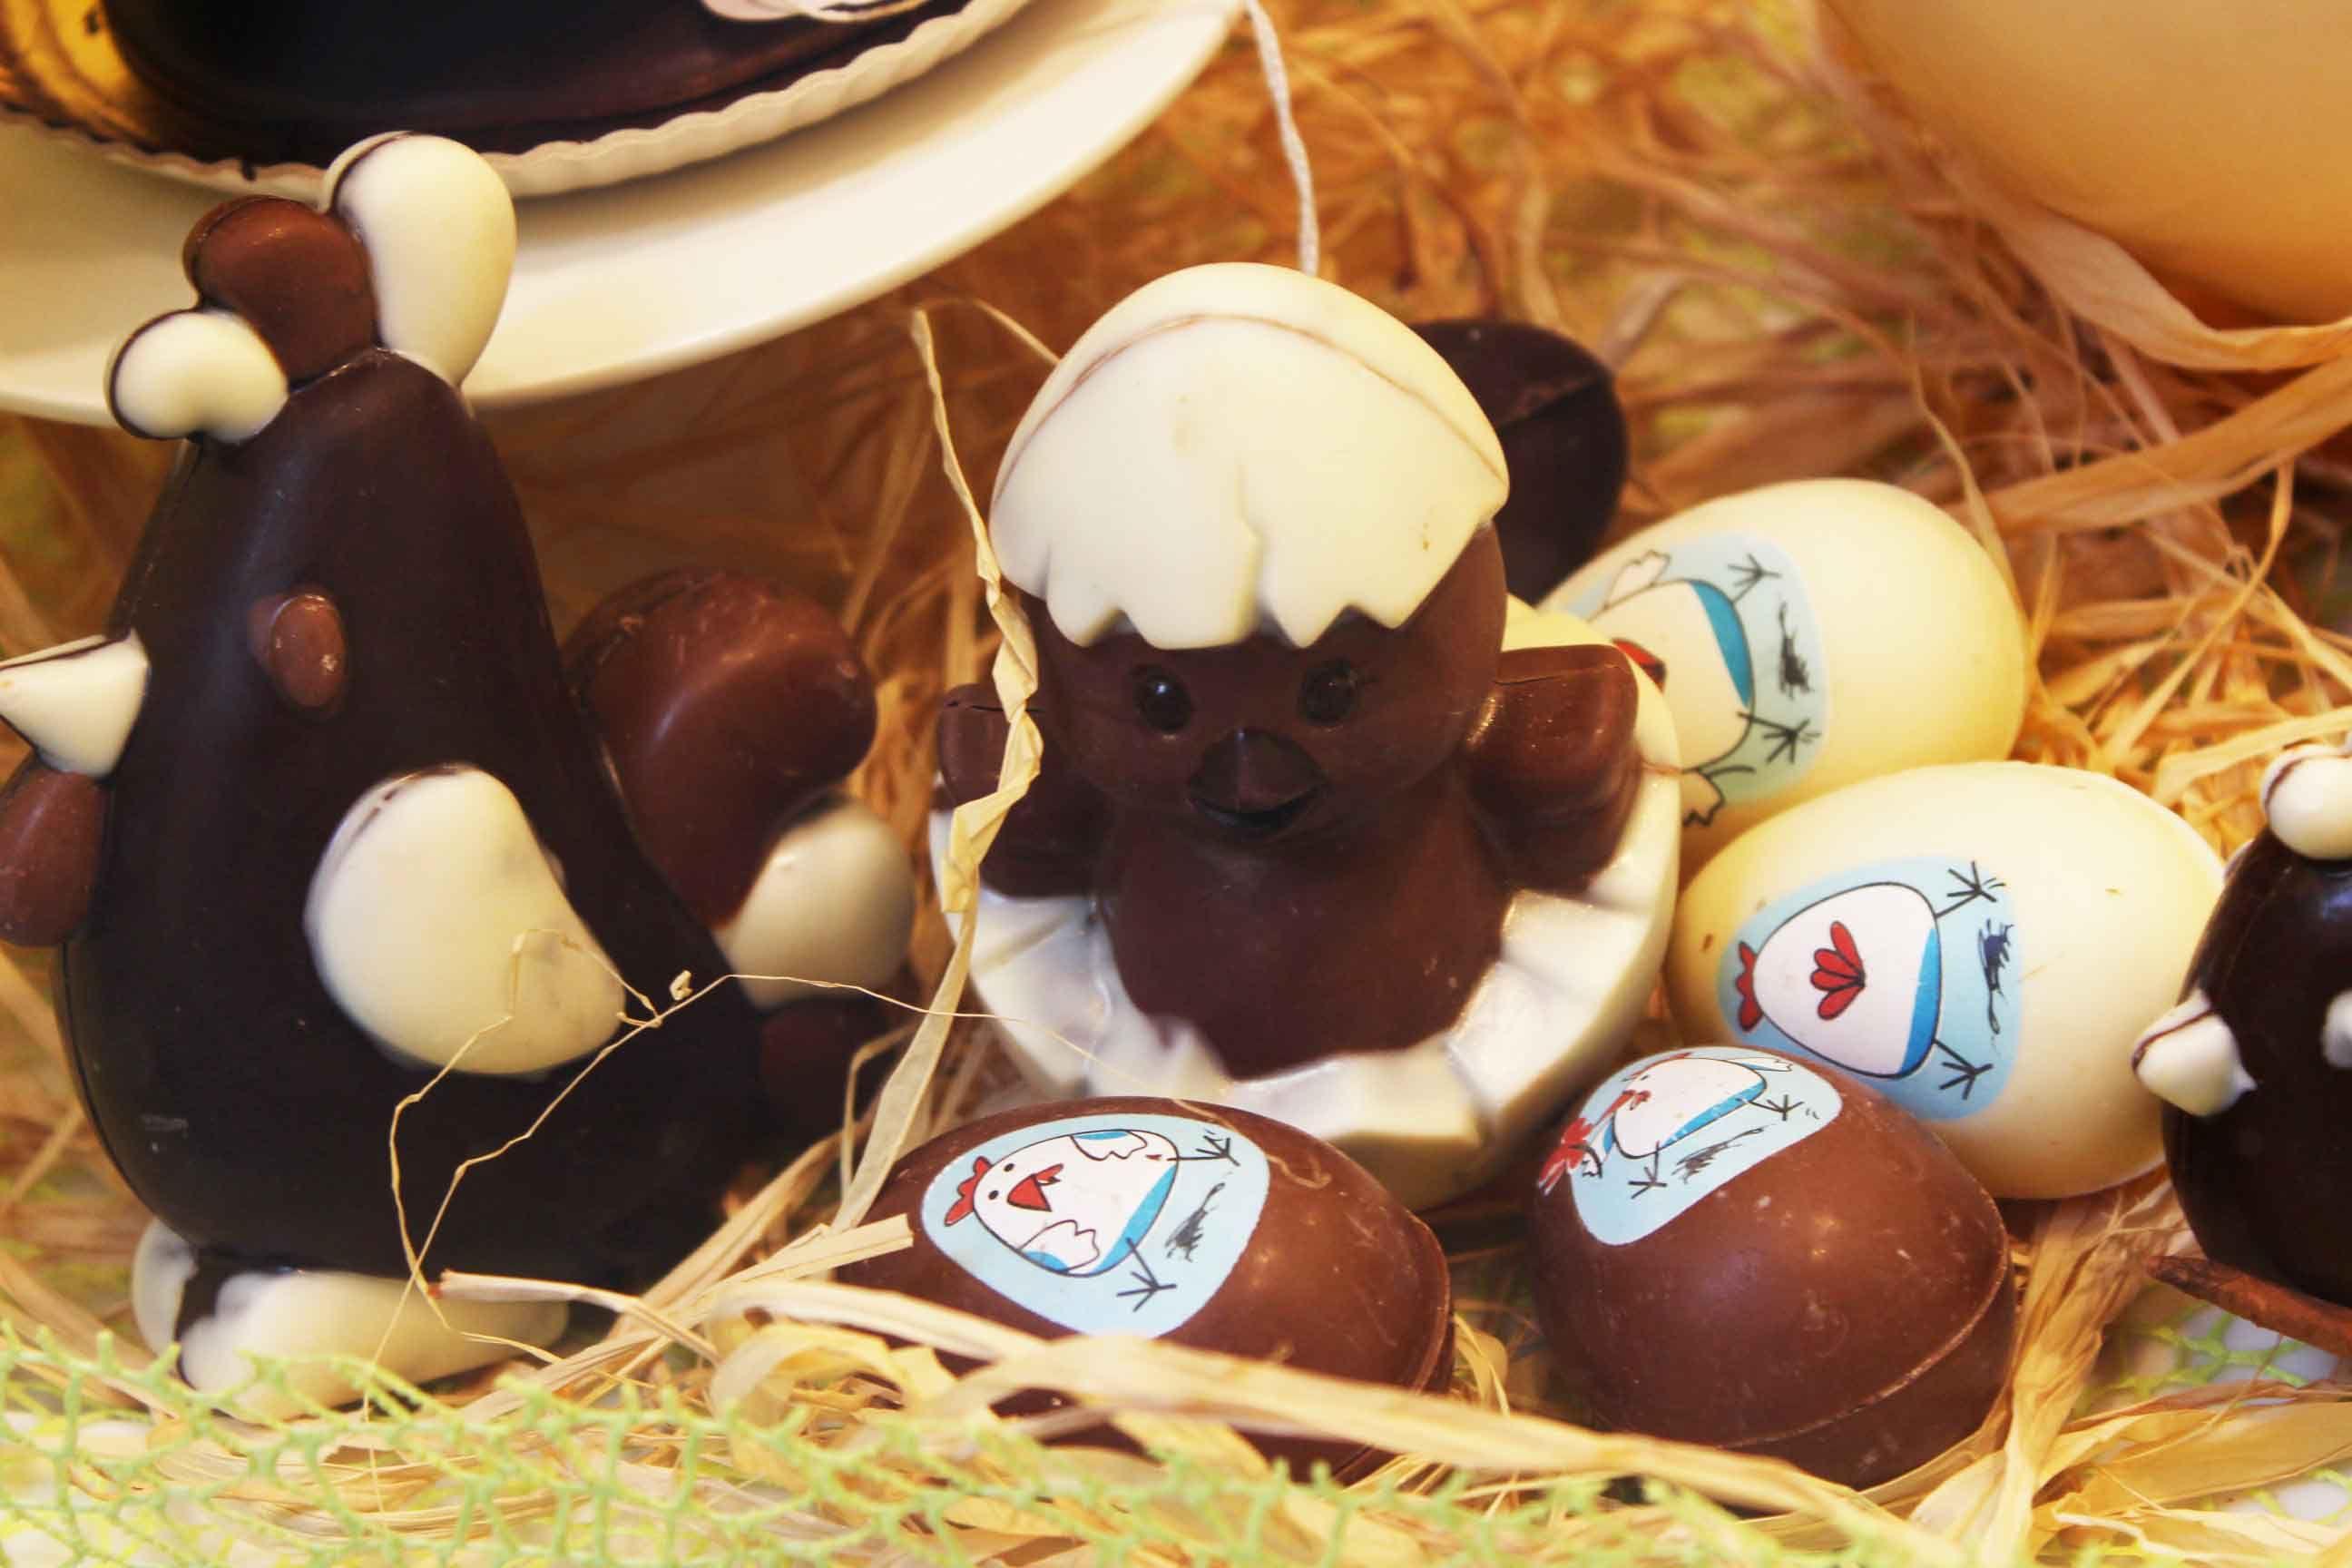 Chocolate from #PasticceriaDalMas #Venice